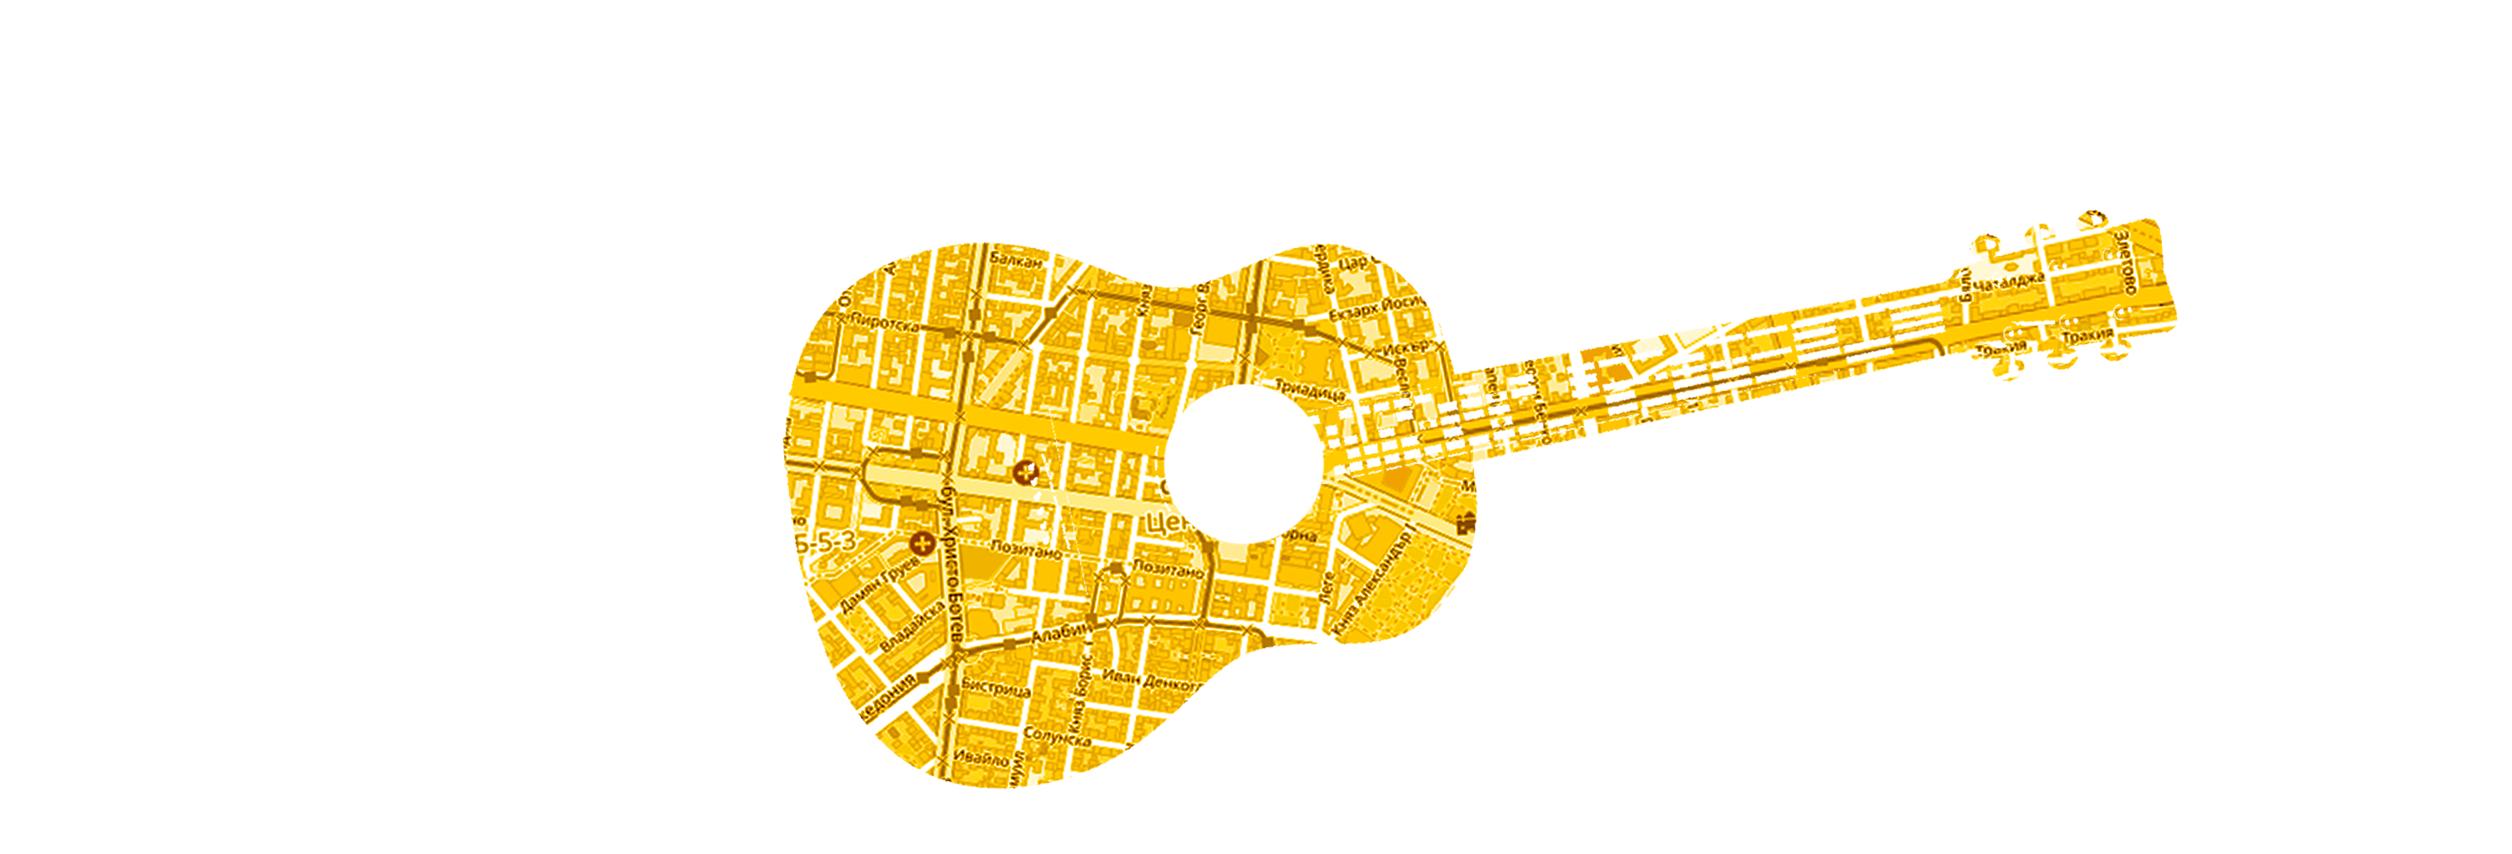 Eпизод 19: Химнът на уличните музиканти